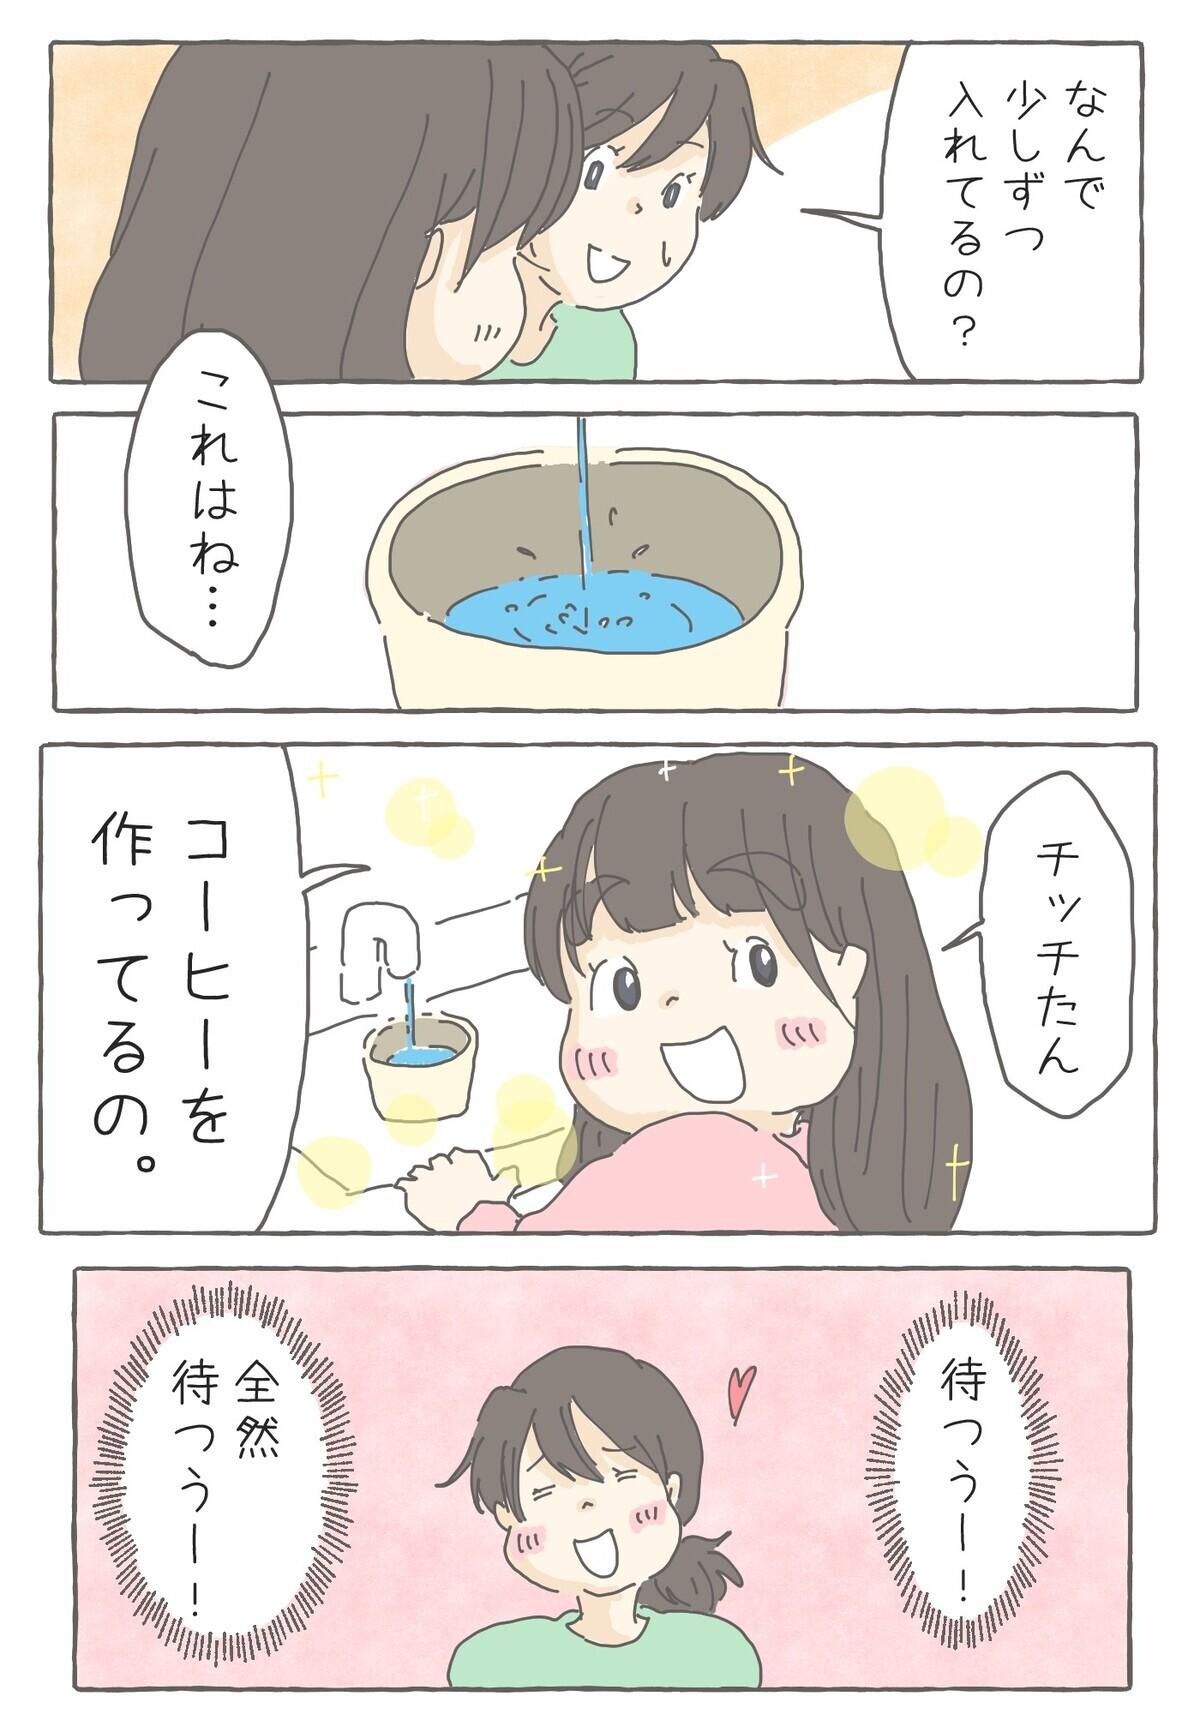 チッチちゃんはコーヒーを作っていました